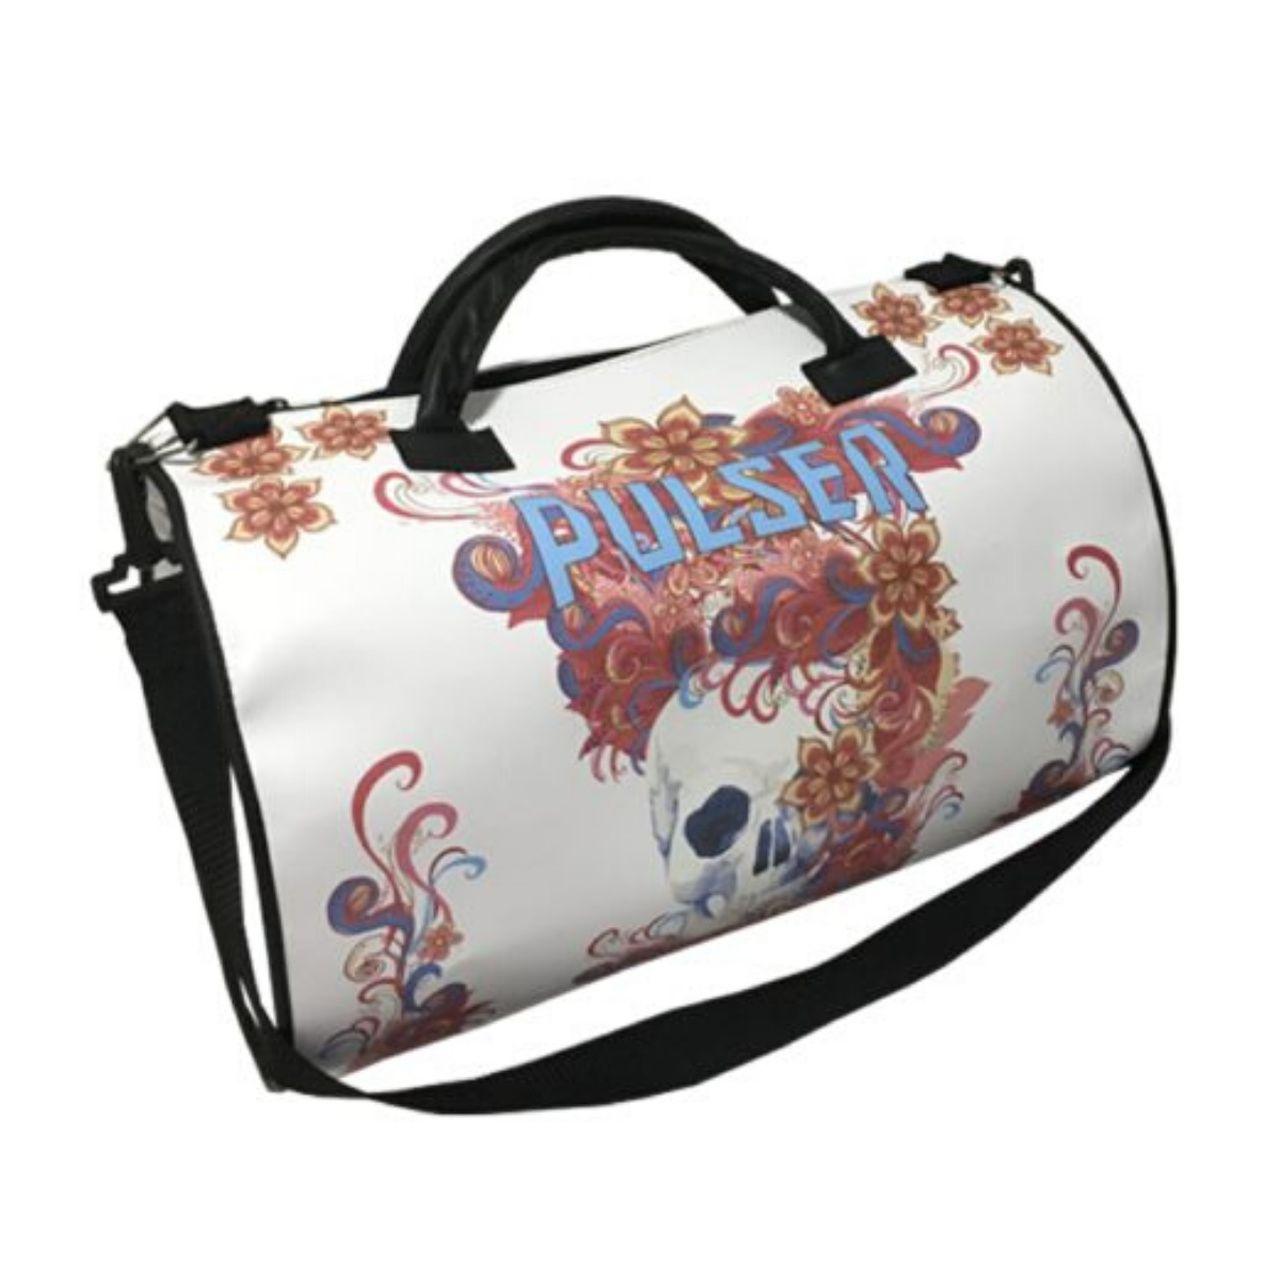 Bolsa Kimono Muay Thai Boxe Fitness Academia - Caveira Mexicana - Pulser  - PRALUTA SHOP